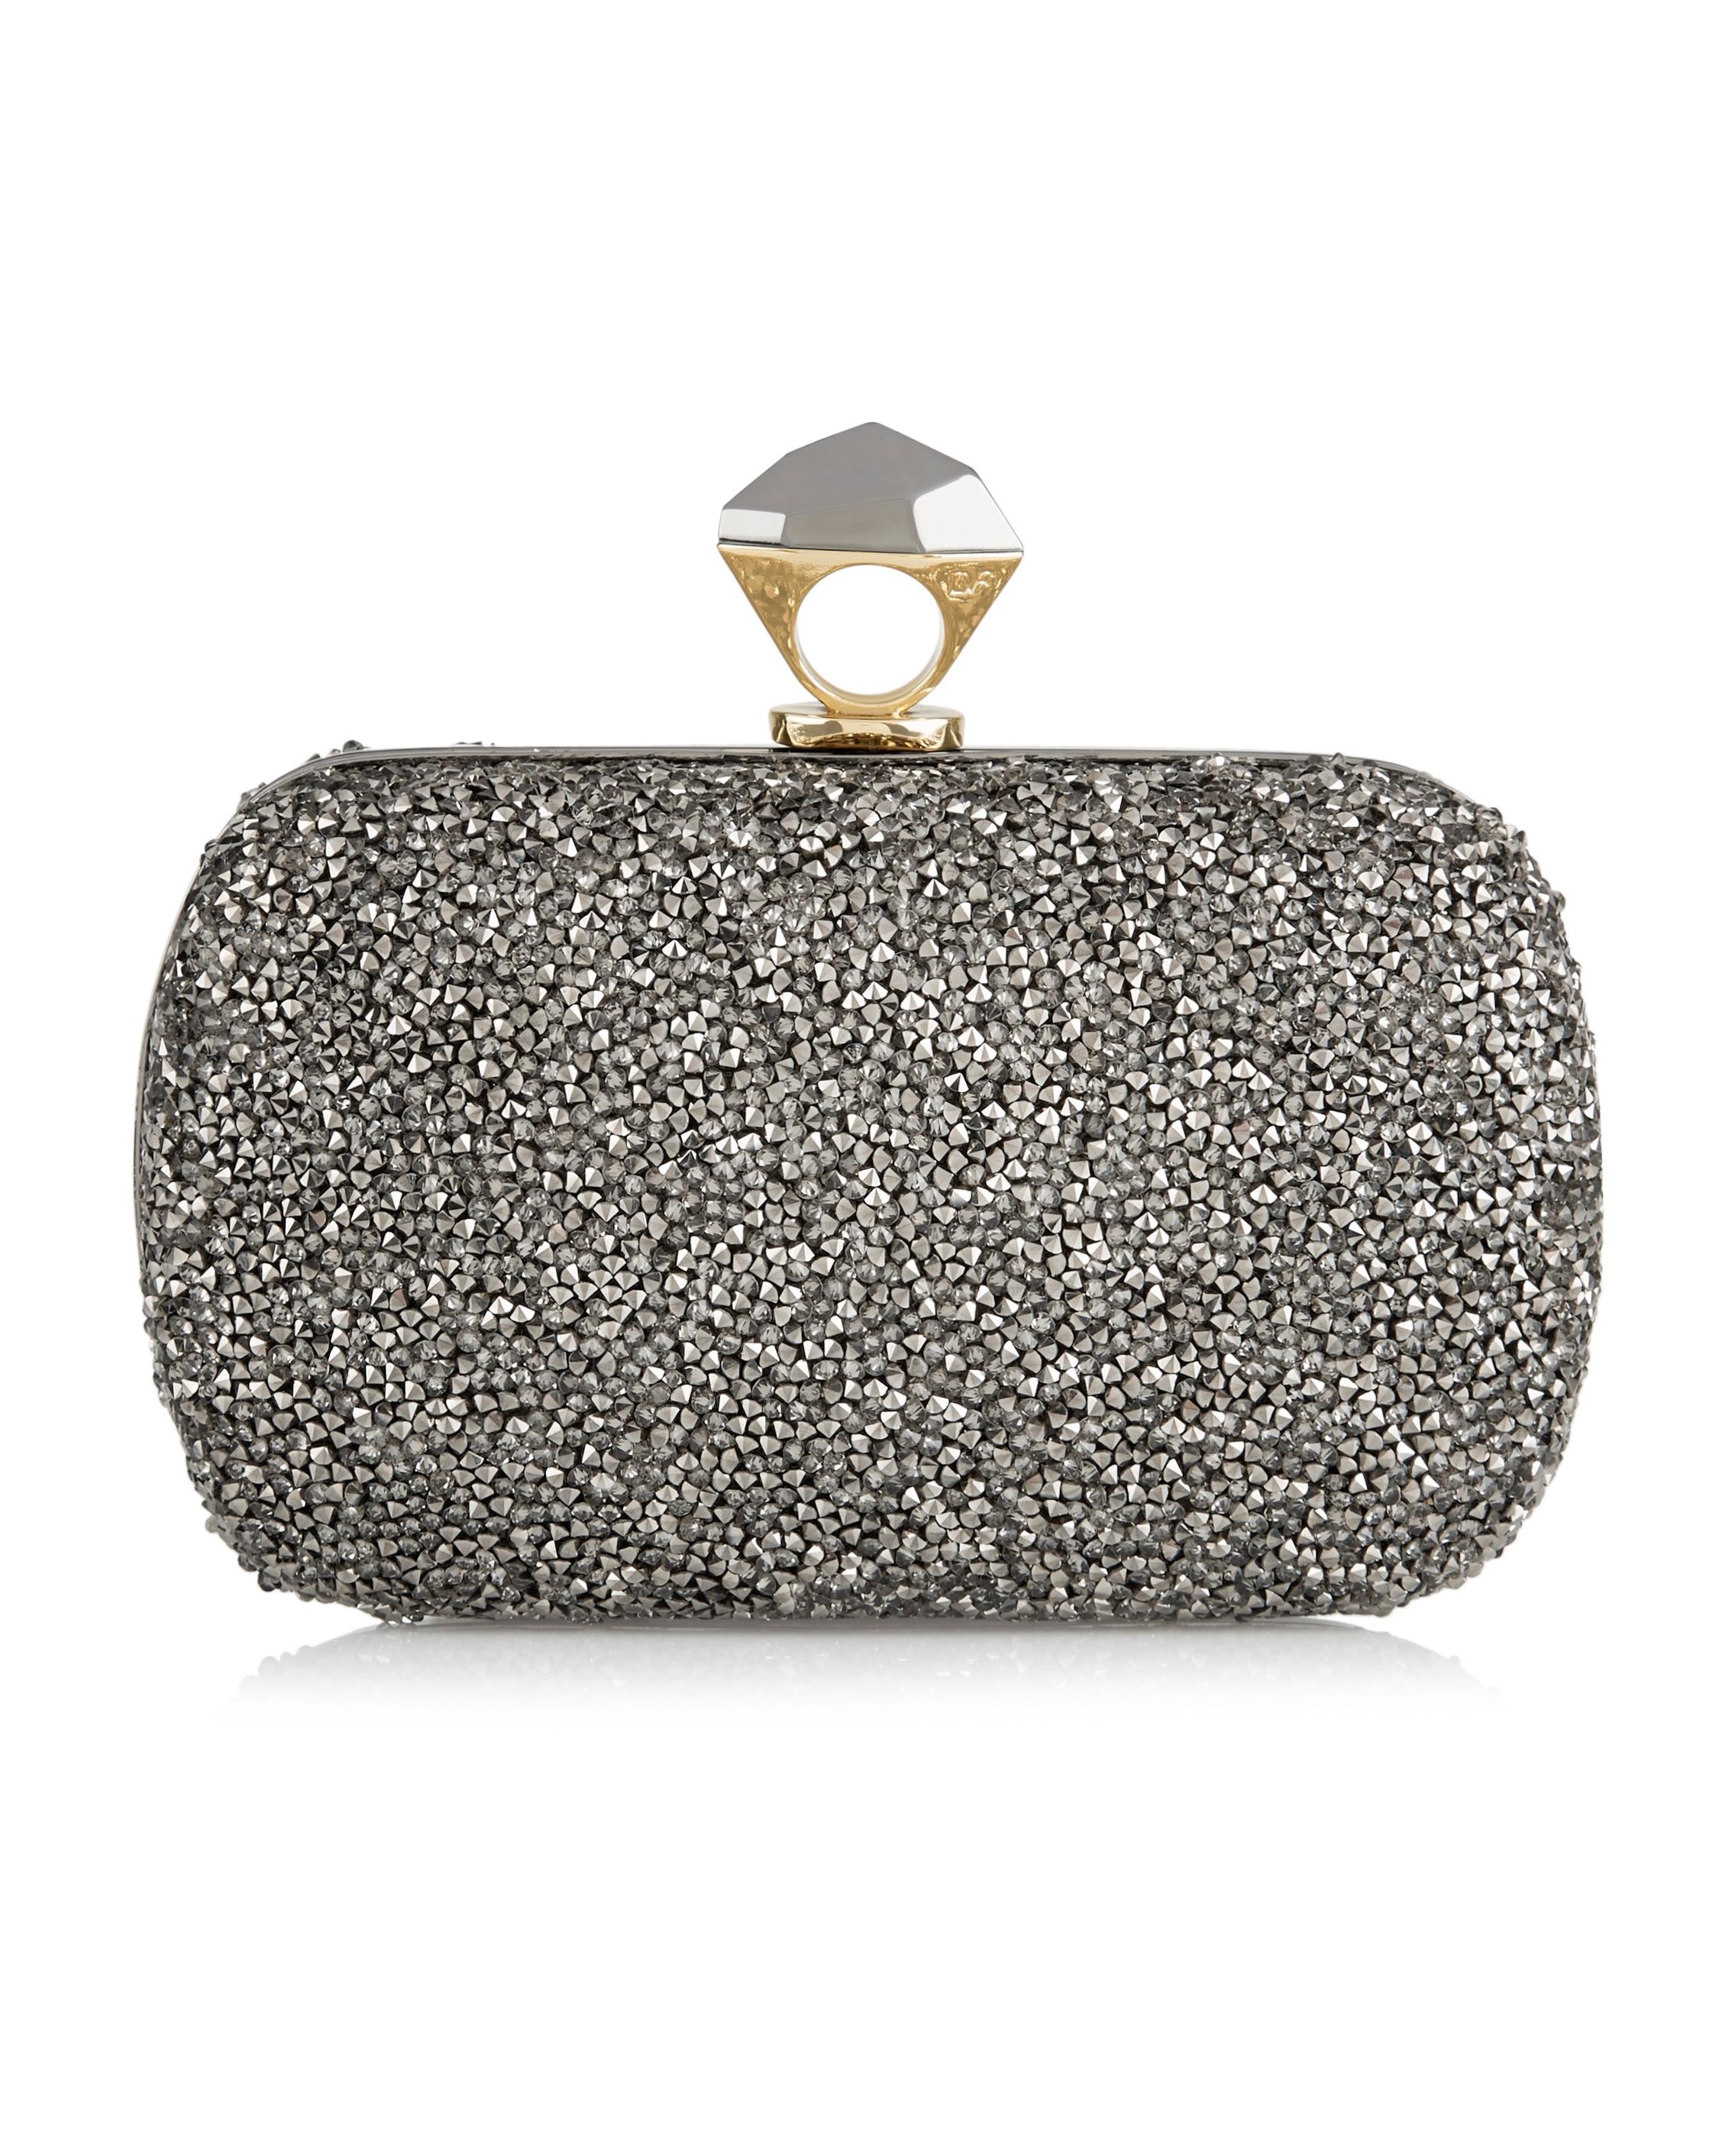 sparkly-accessories-diane-von-furstenberg-nap-1215.jpg